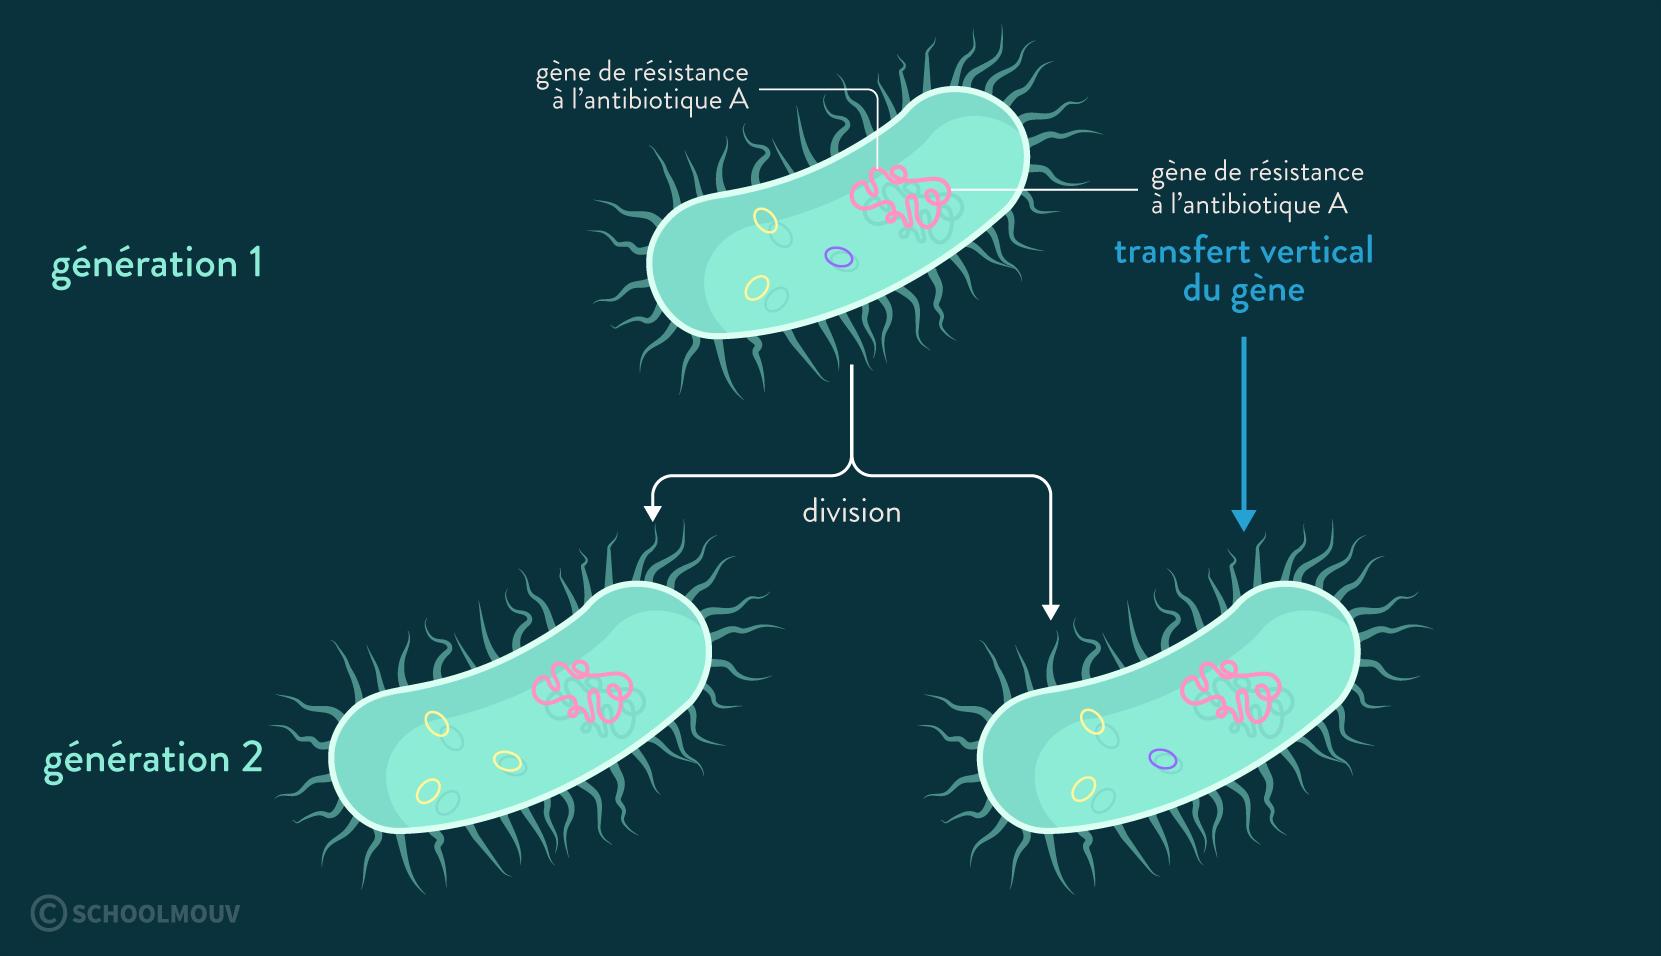 transfert vertical du gène de résistance à l'antibiotique